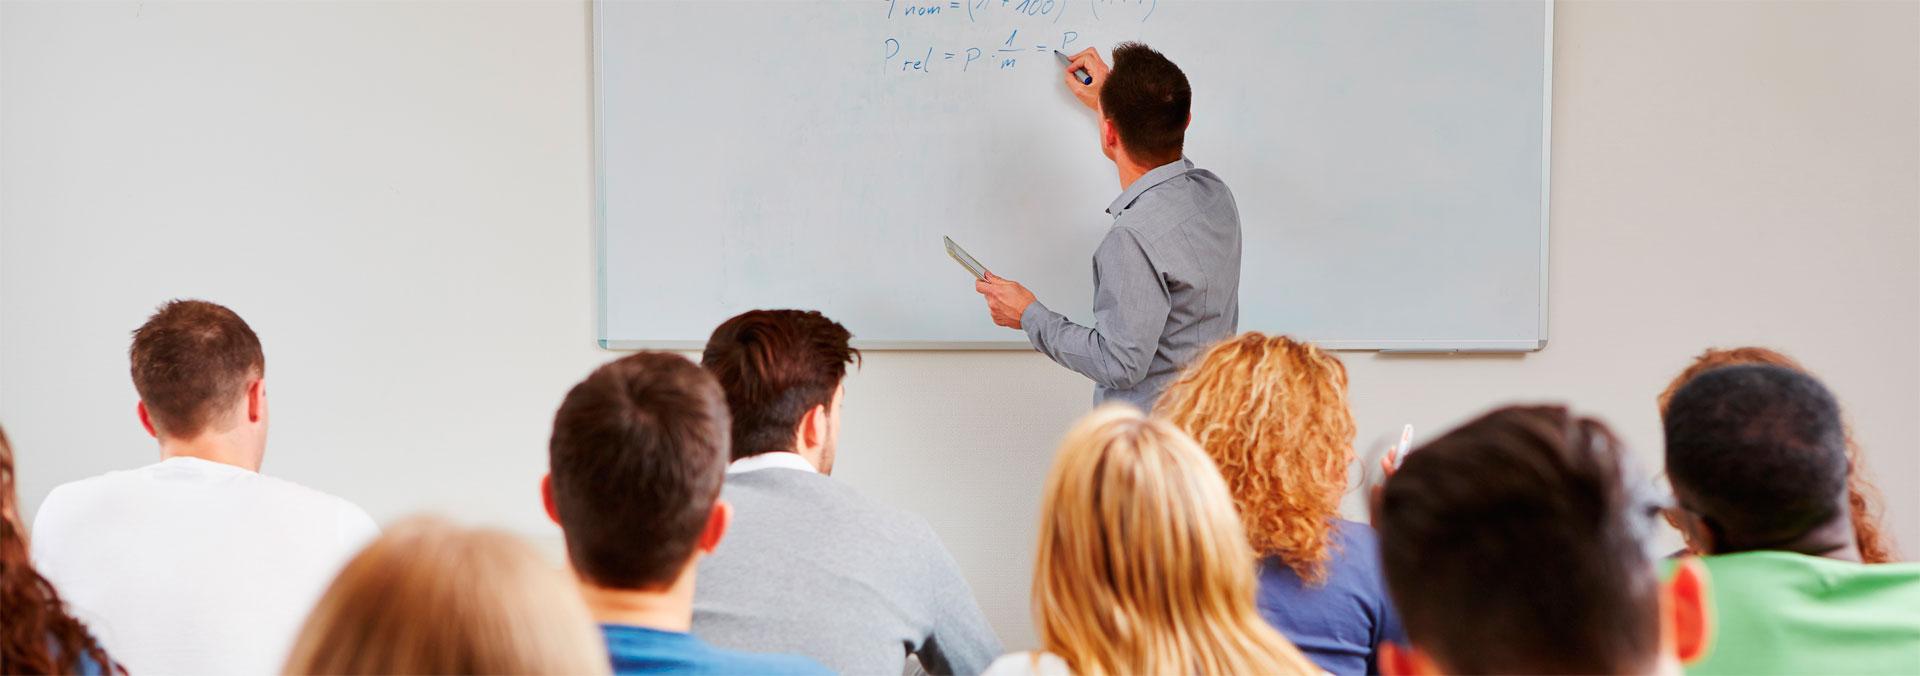 aulas-slider-institut-rocafort